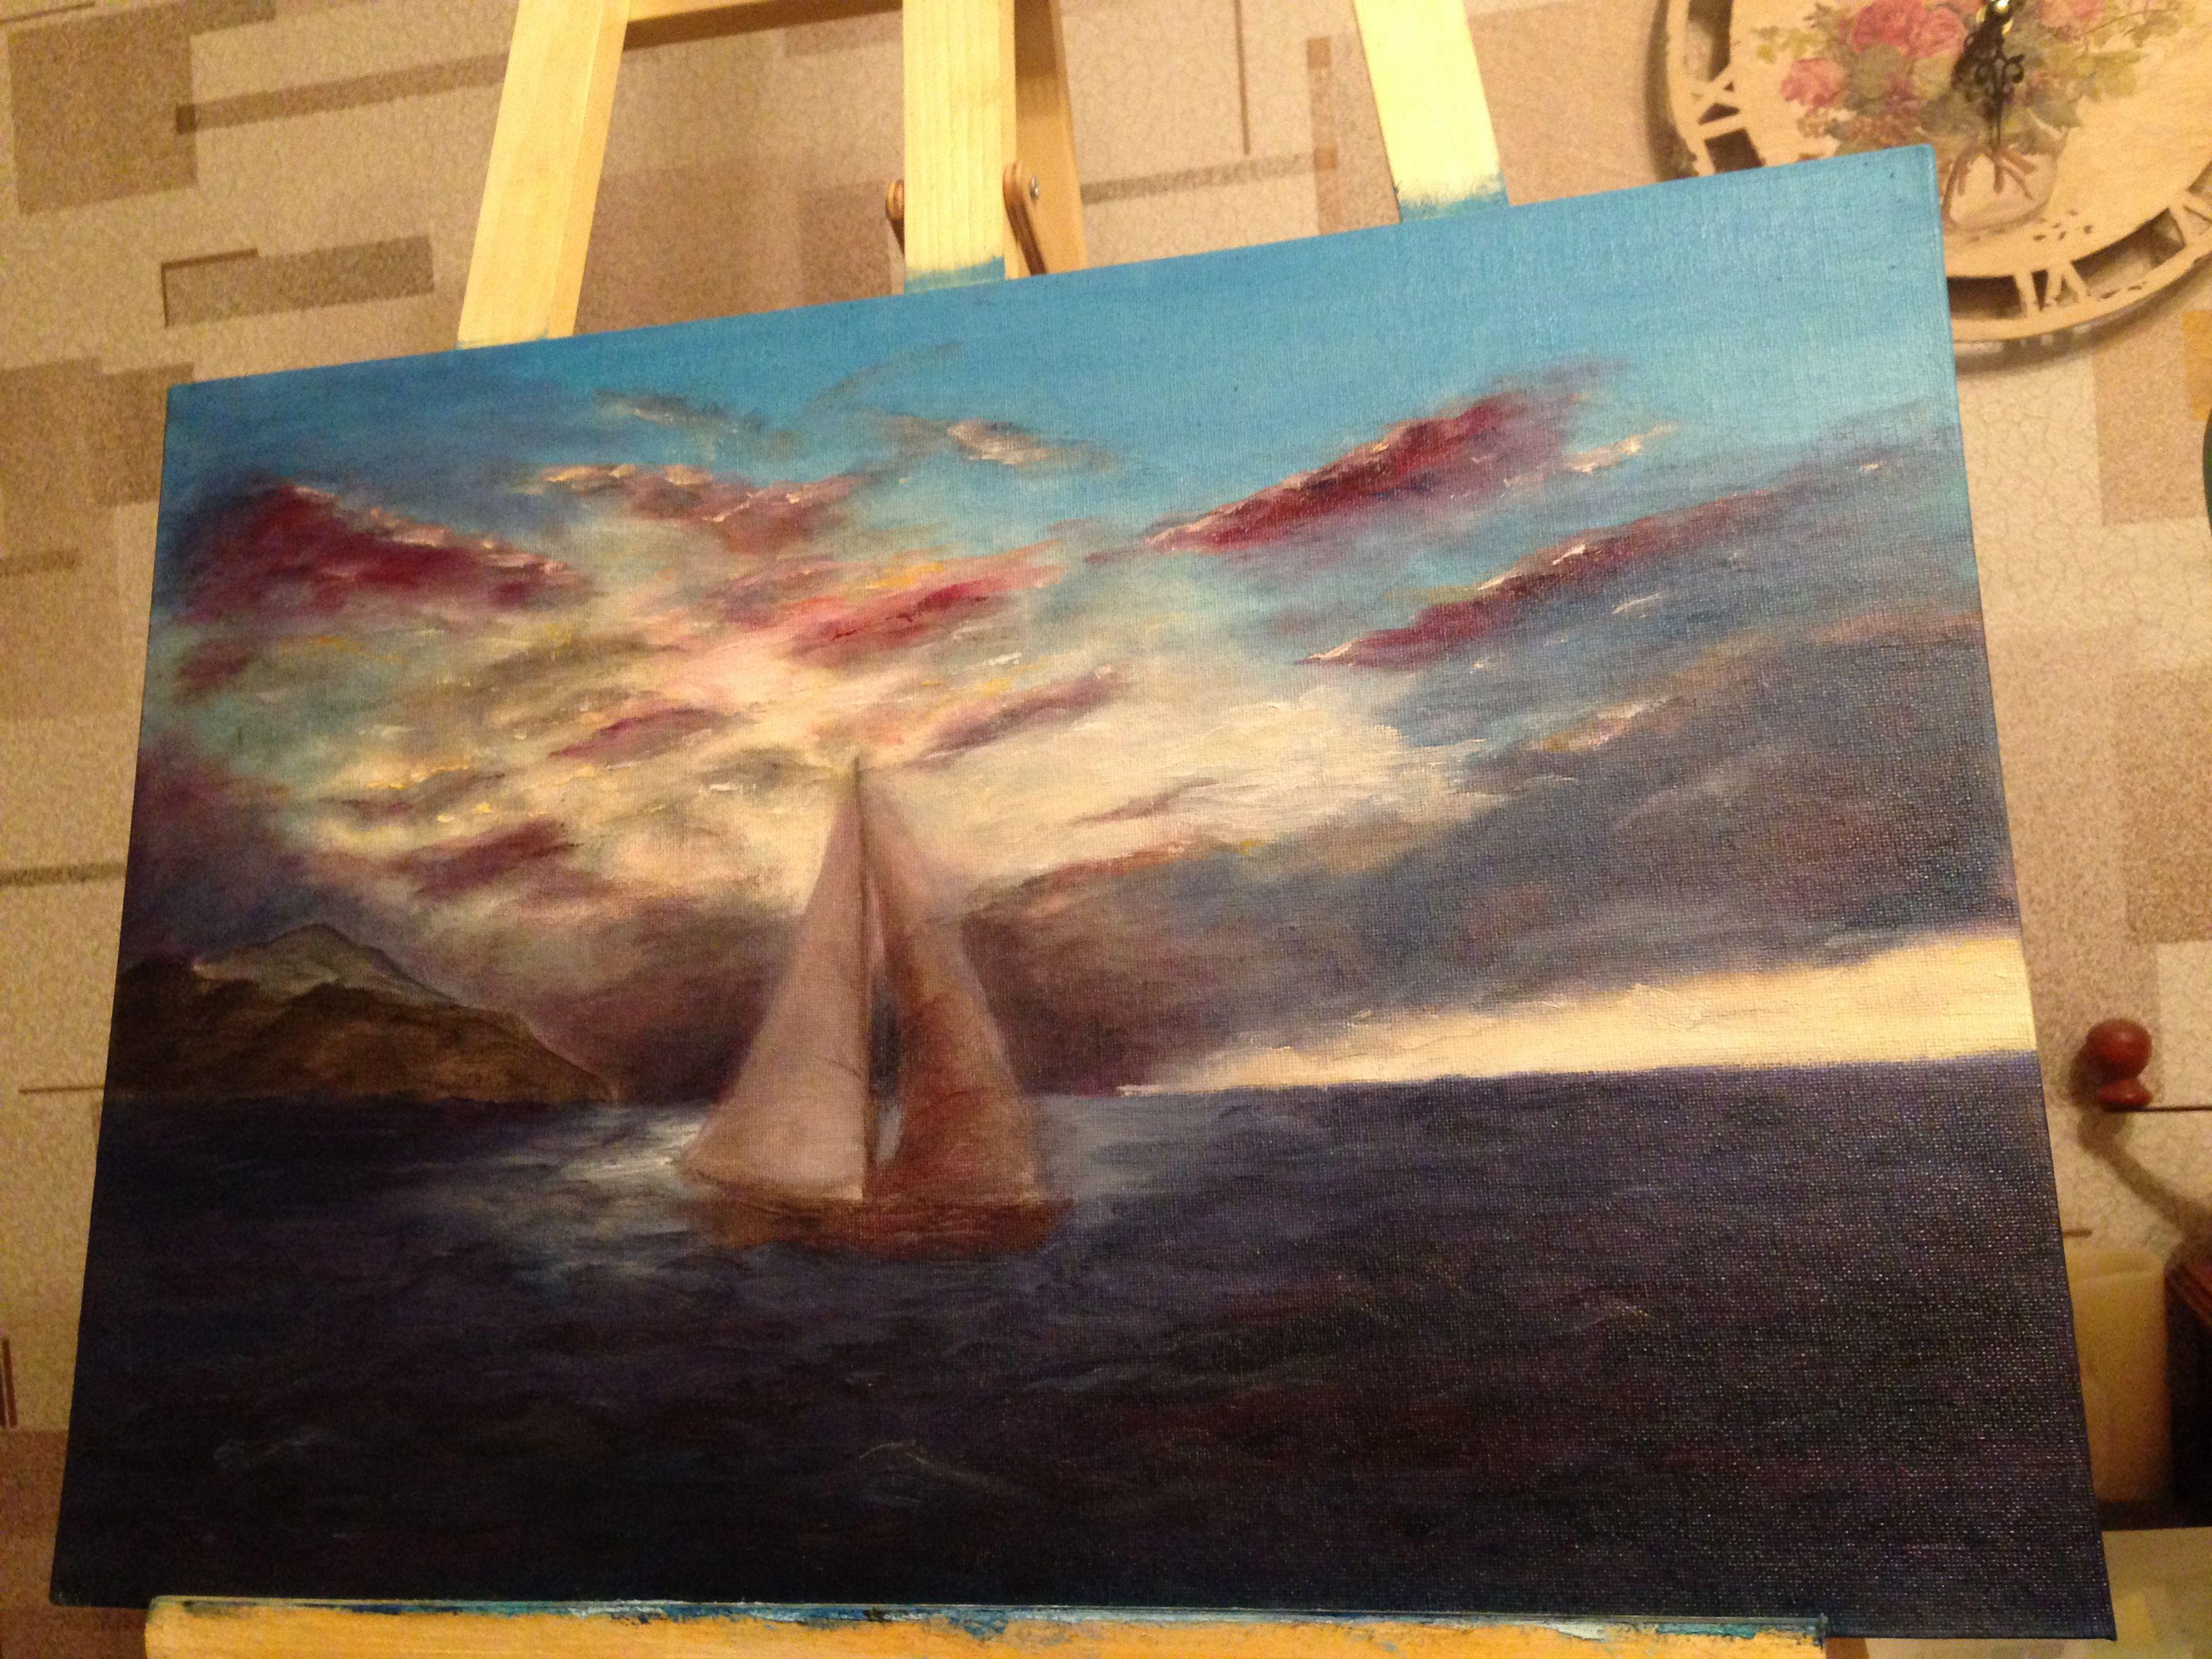 небо парус картина свет облака корабль интерьер живопись море  пейзаж арт